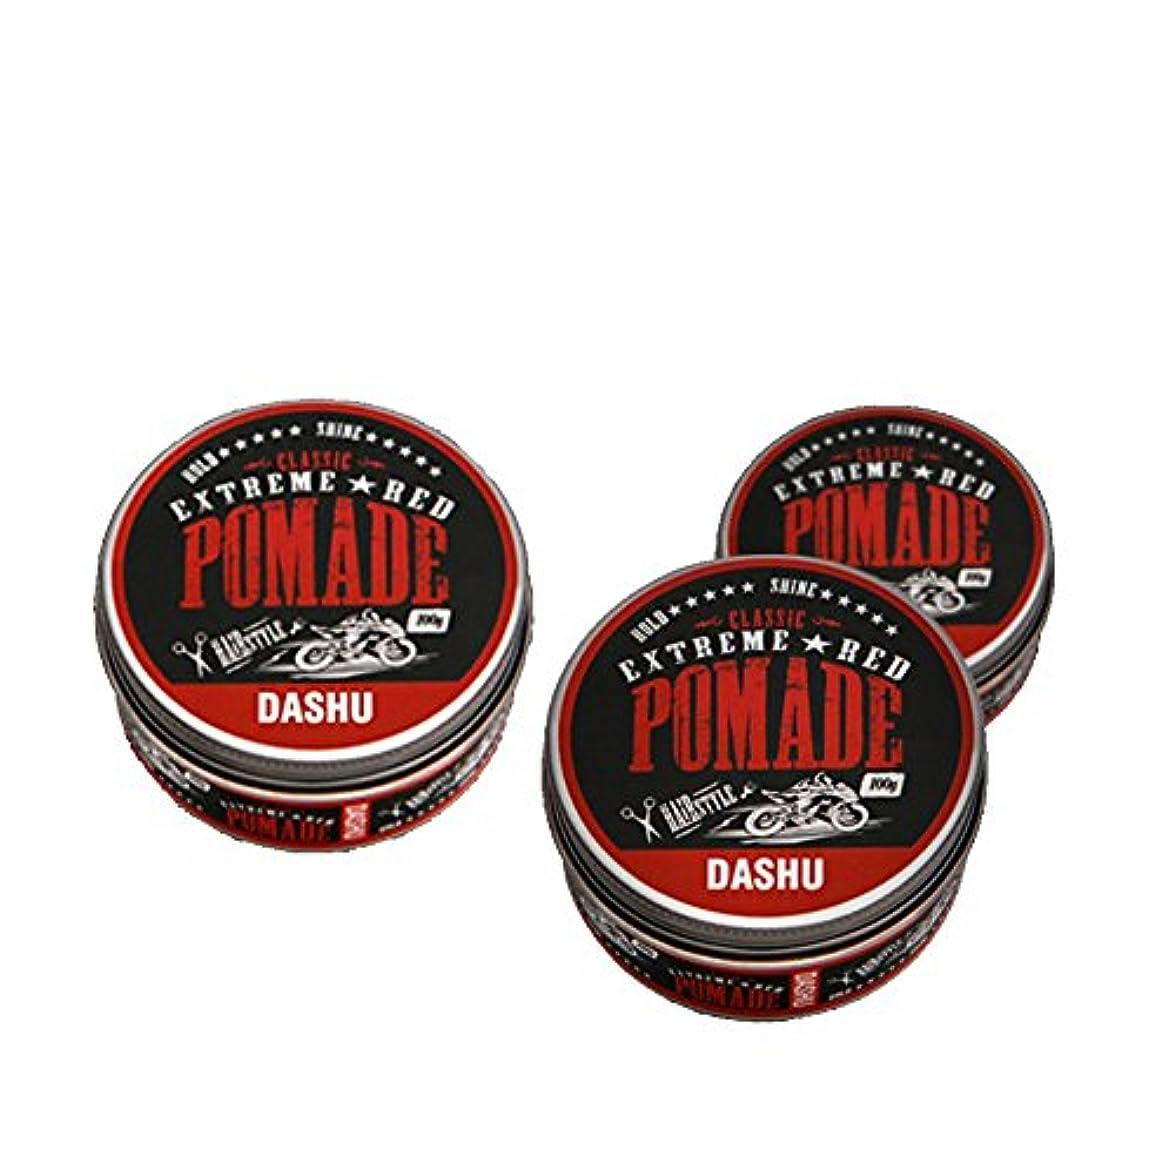 評判おっと革命(3個セット) x [DASHU] ダシュ クラシックエクストリームレッドポマード Classic Extreme Red Pomade Hair Wax 100ml / 韓国製 . 韓国直送品